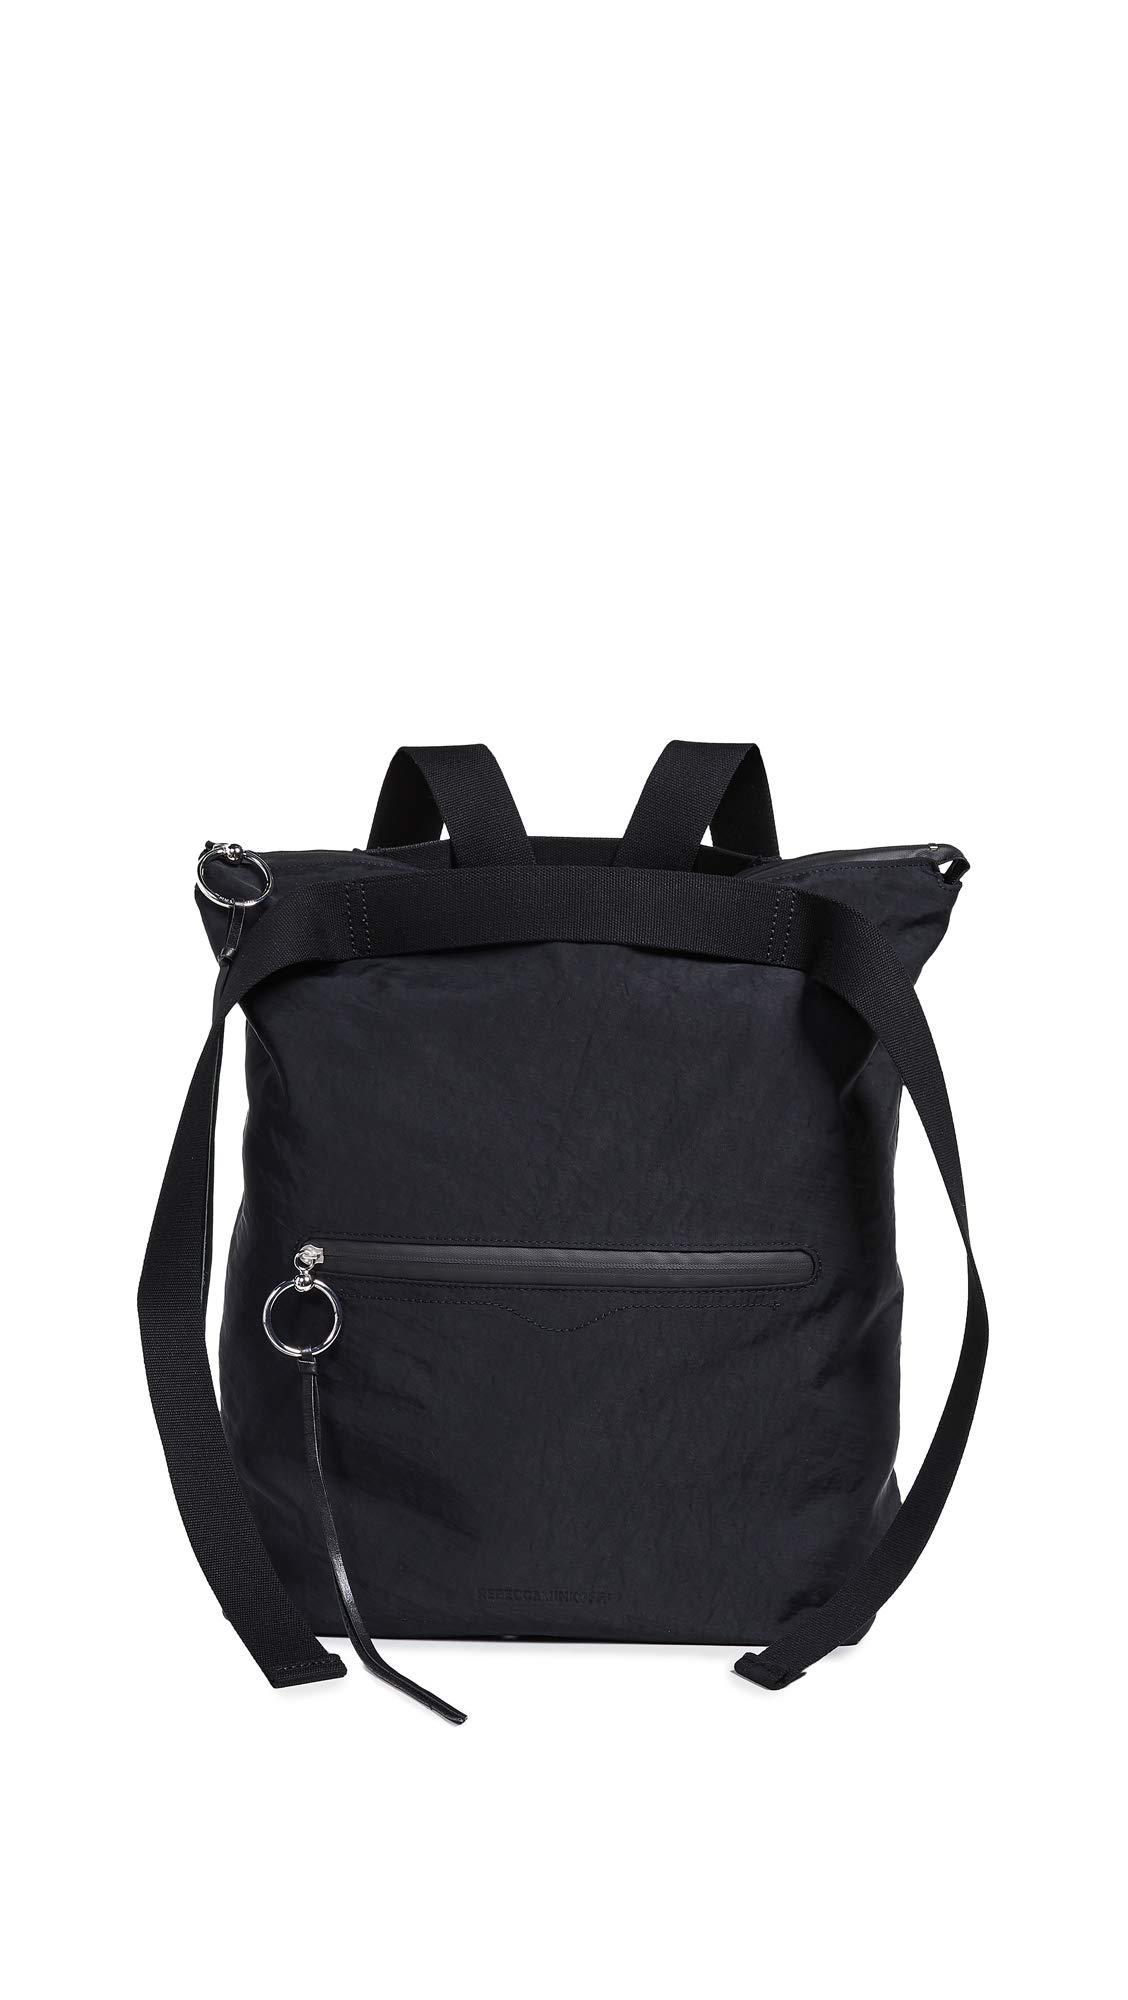 Rebecca Minkoff Women's Nylon Tote Backpack, Black, One Size